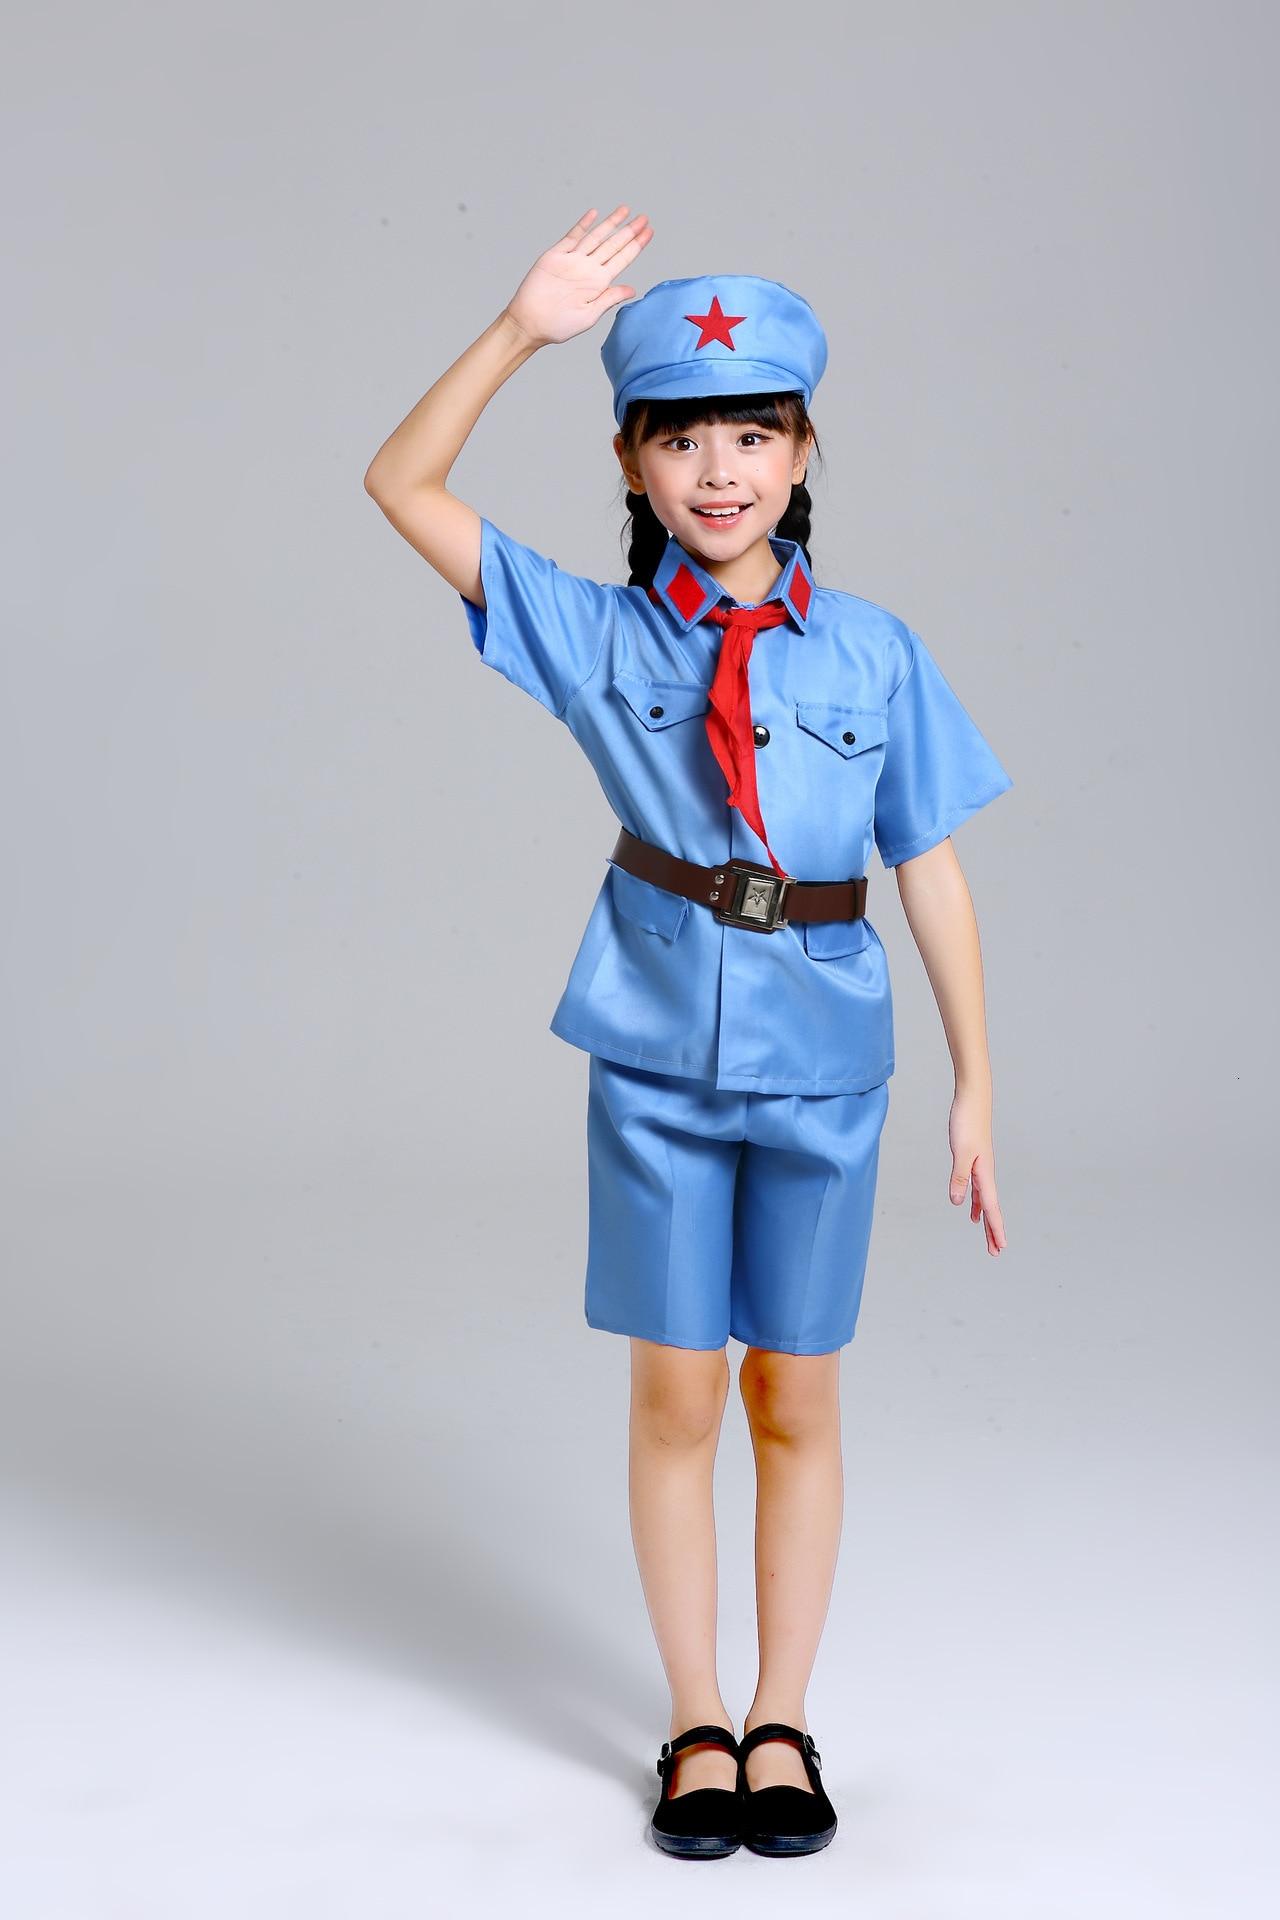 Детские тактические военные куртки, штаны, военная форма для девочек и мальчиков, охотничьи армейские танцевальные костюмы для женщин, Tatico, детская одежда для косплея, комплект - Цвет: 6